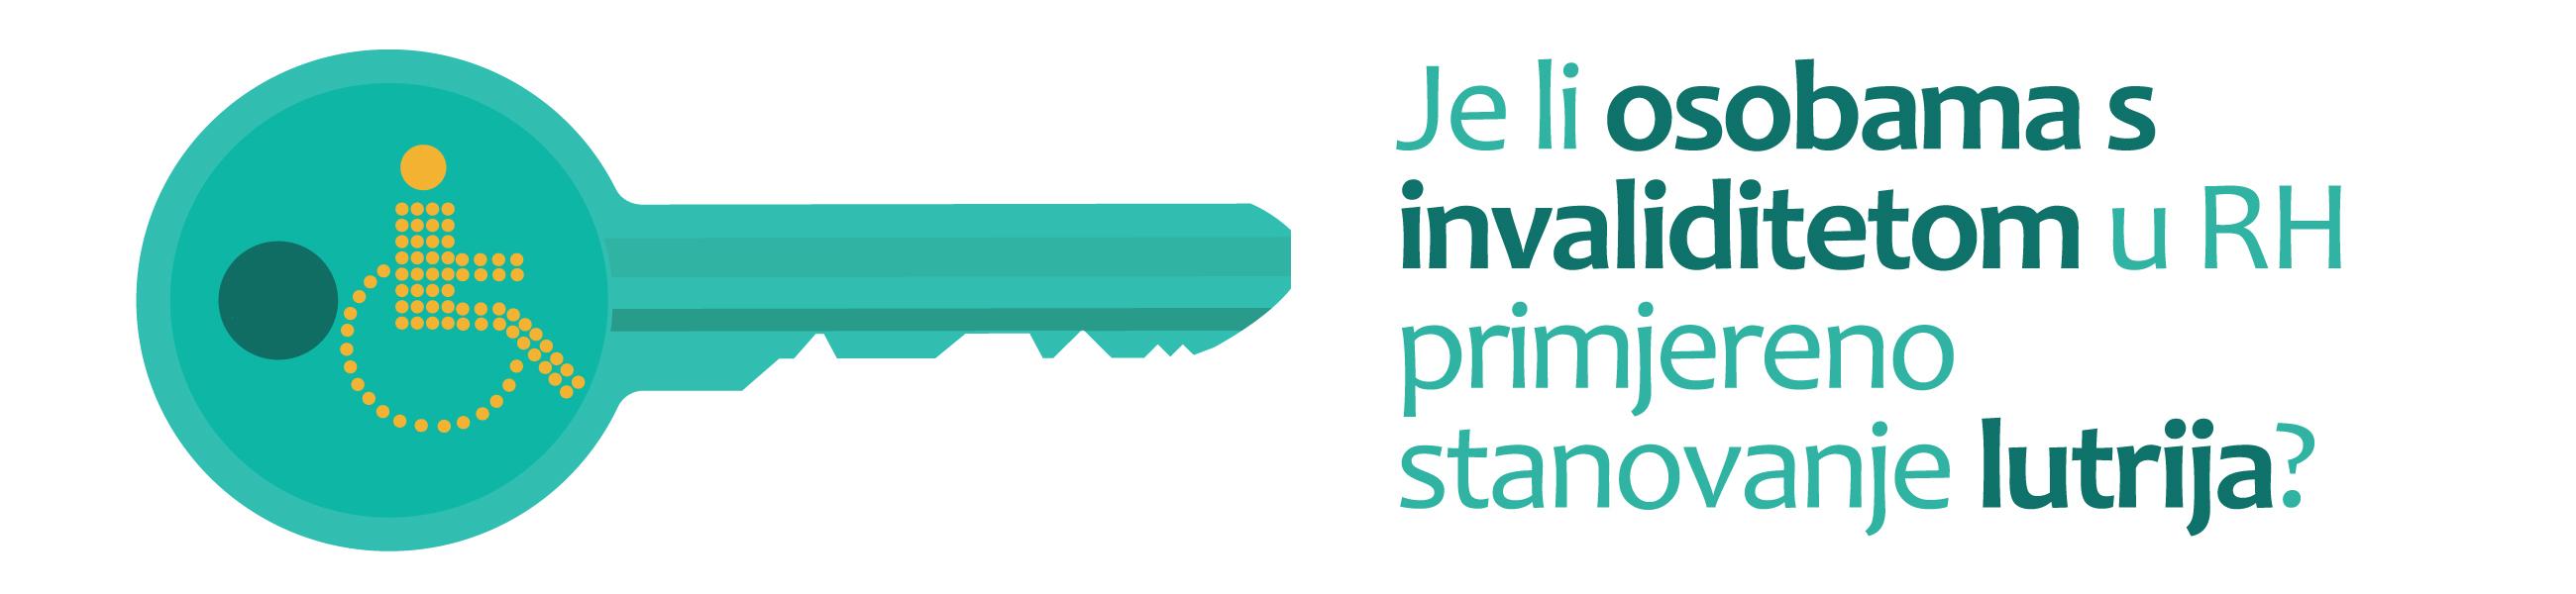 slika-za-opis-kampanje-na-web-stranicama-saveza